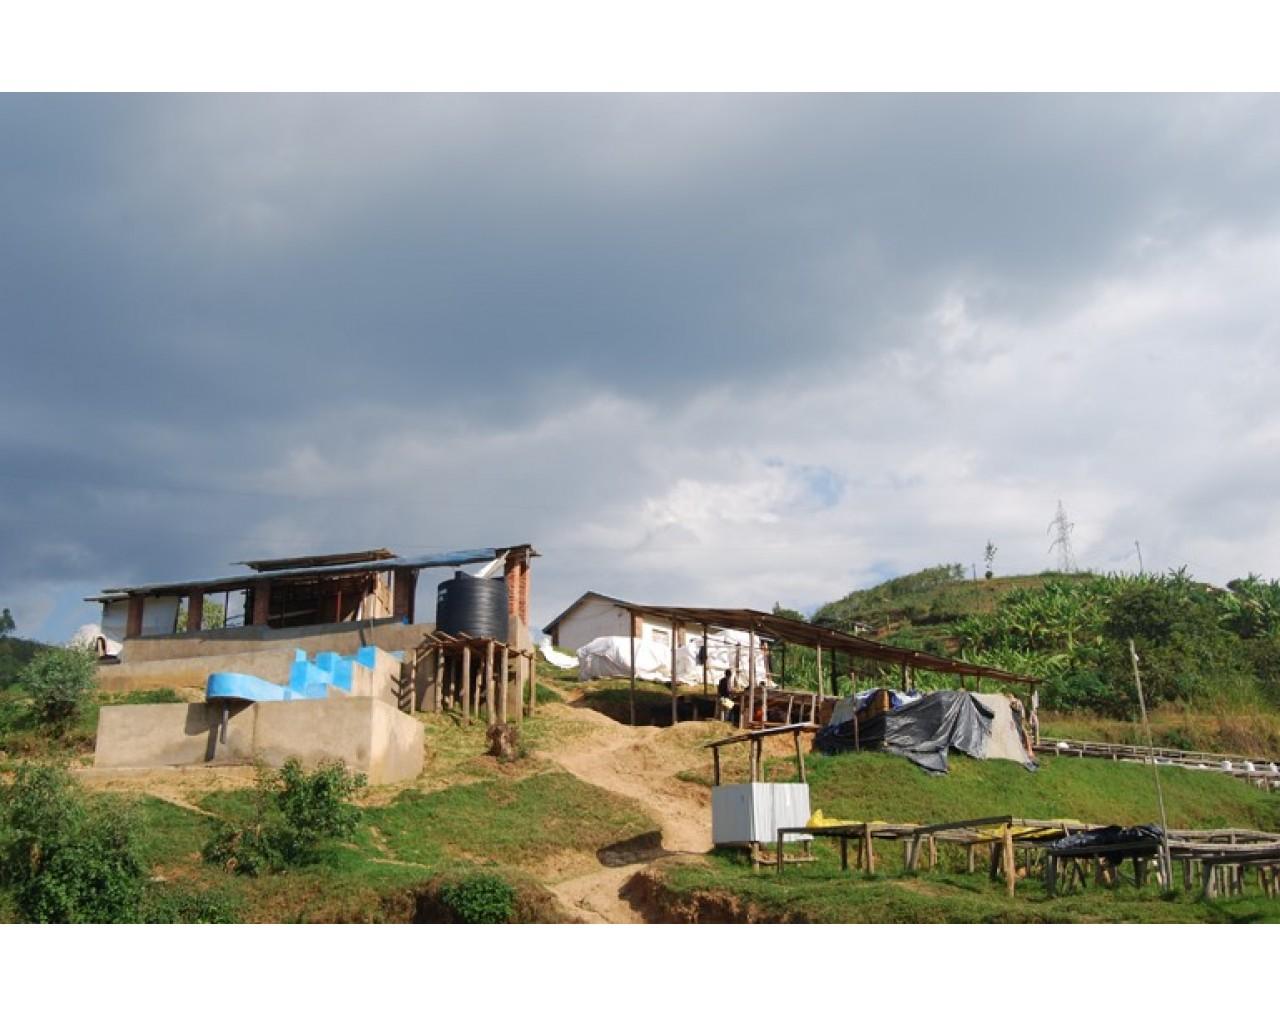 Kanya - Rwanda